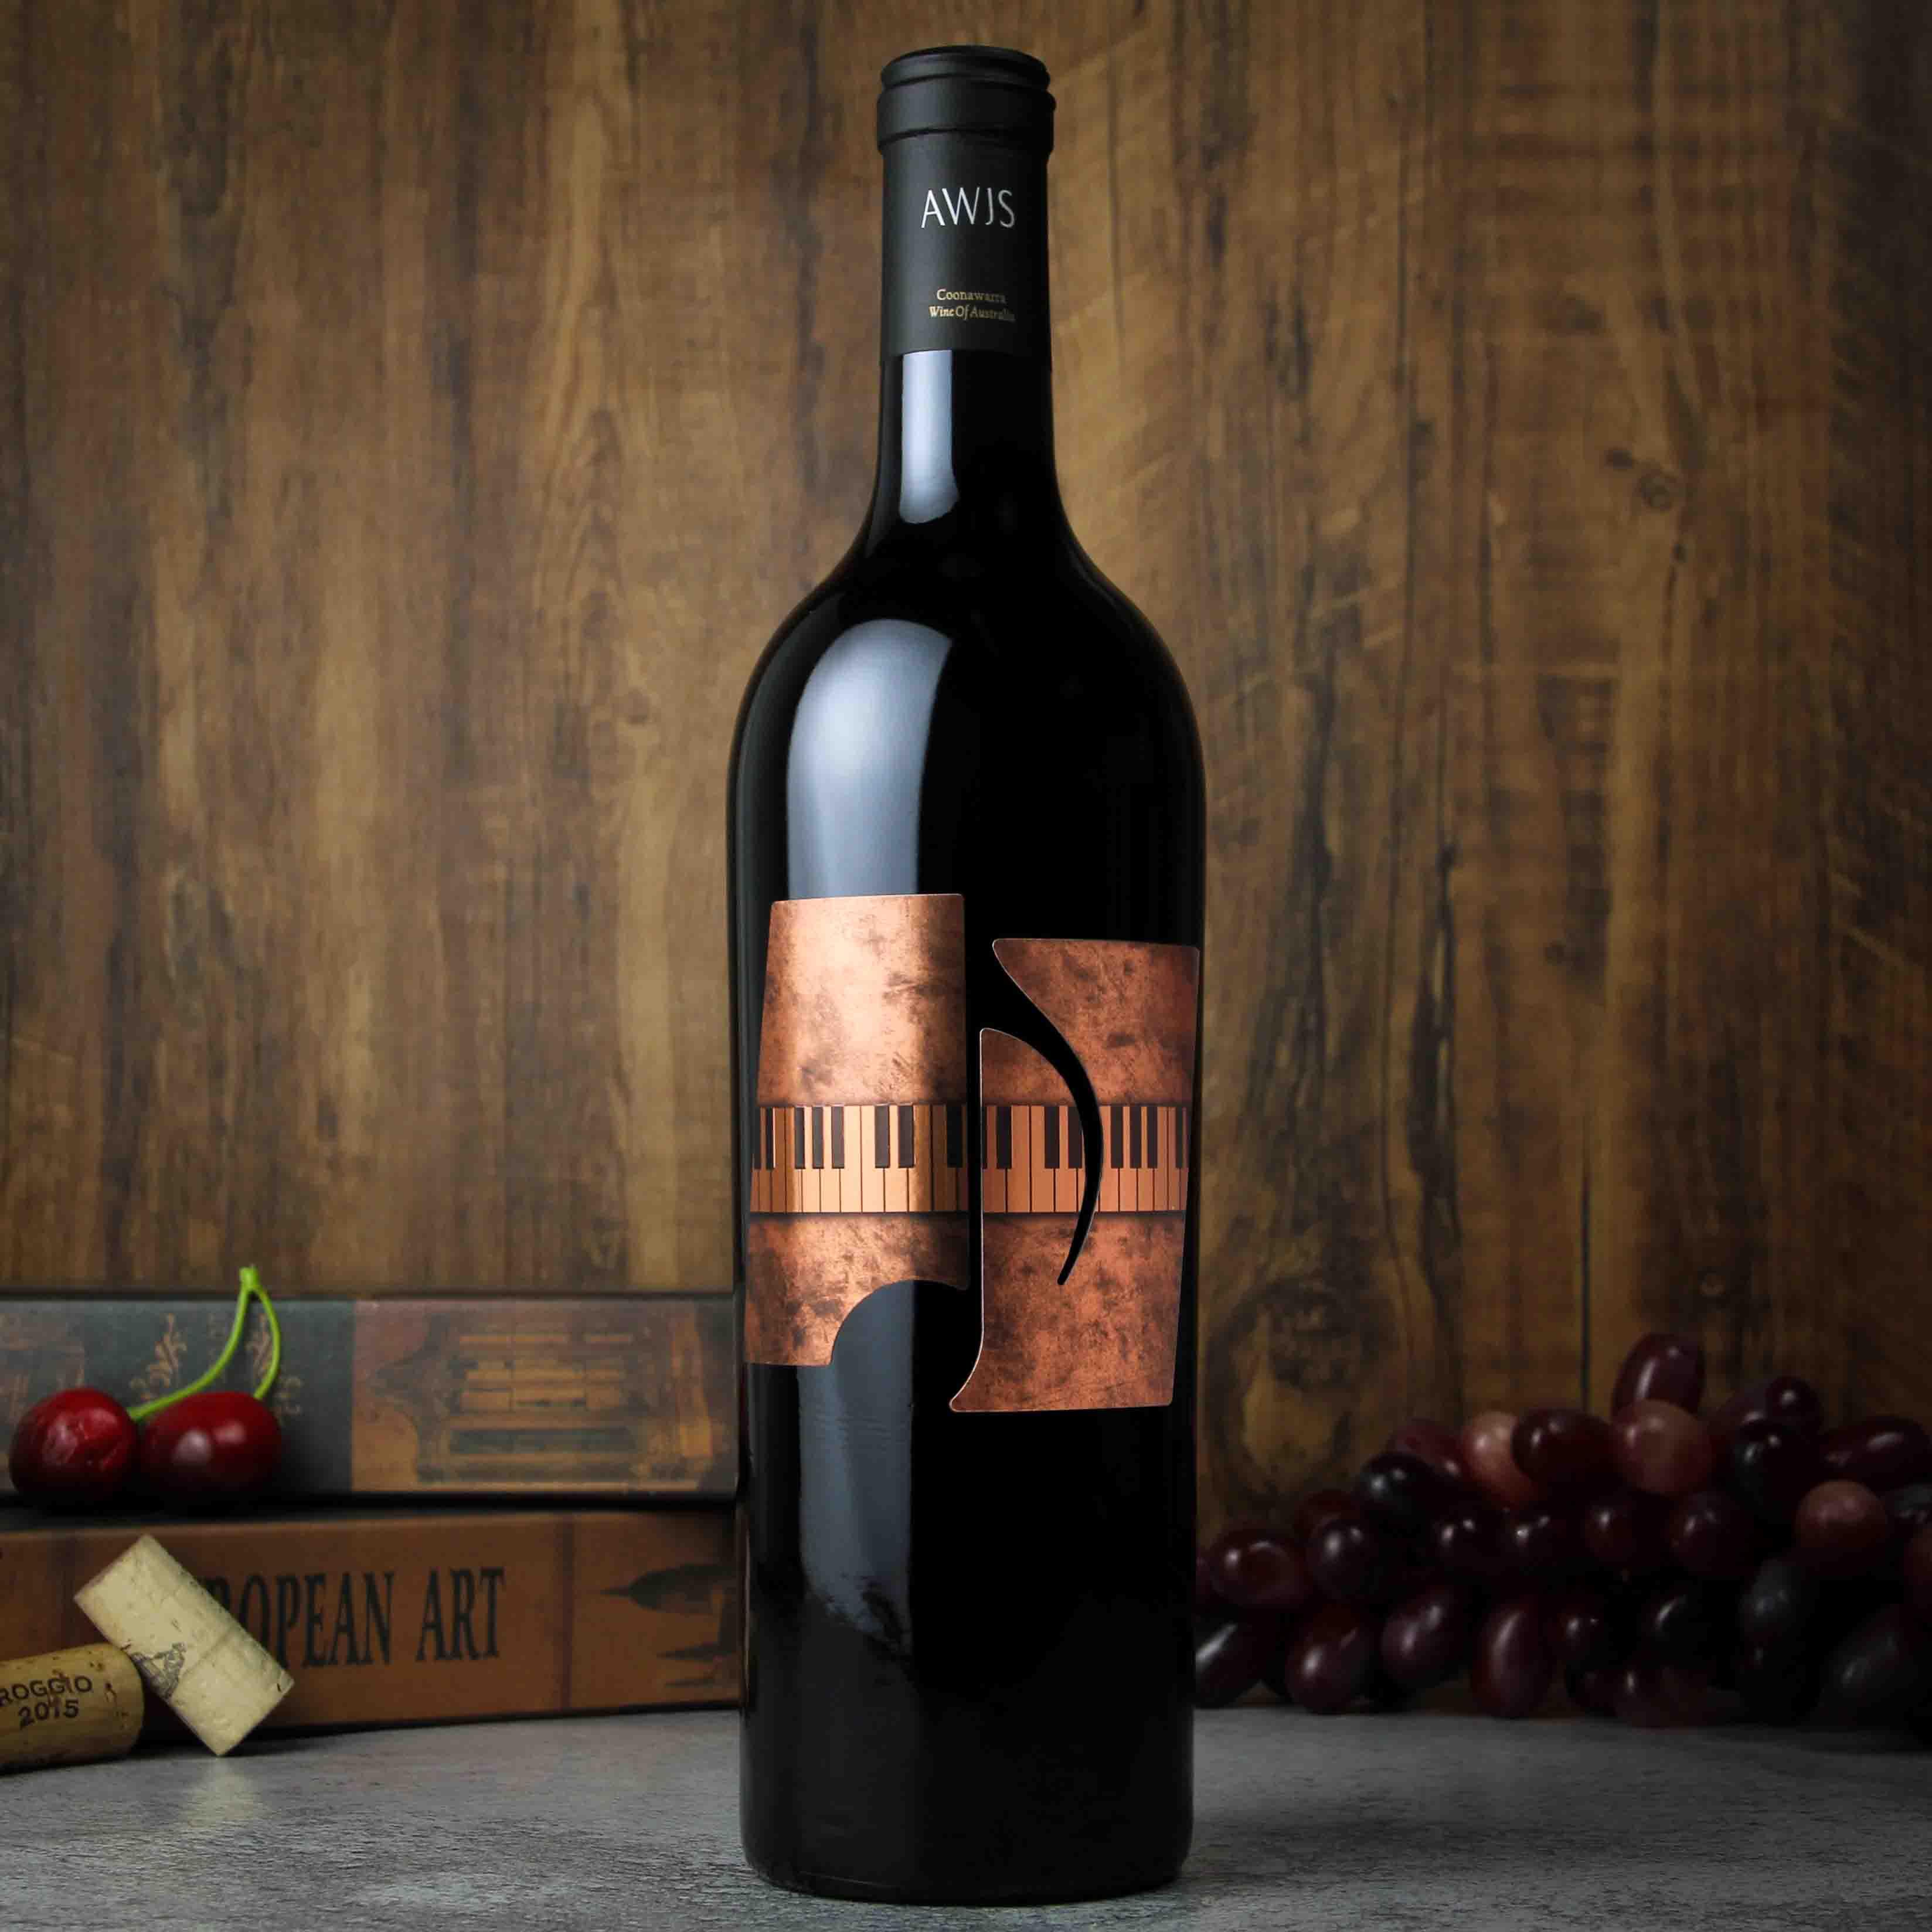 澳大利亚库纳瓦拉音符·辛赋利赤霞珠红葡萄酒